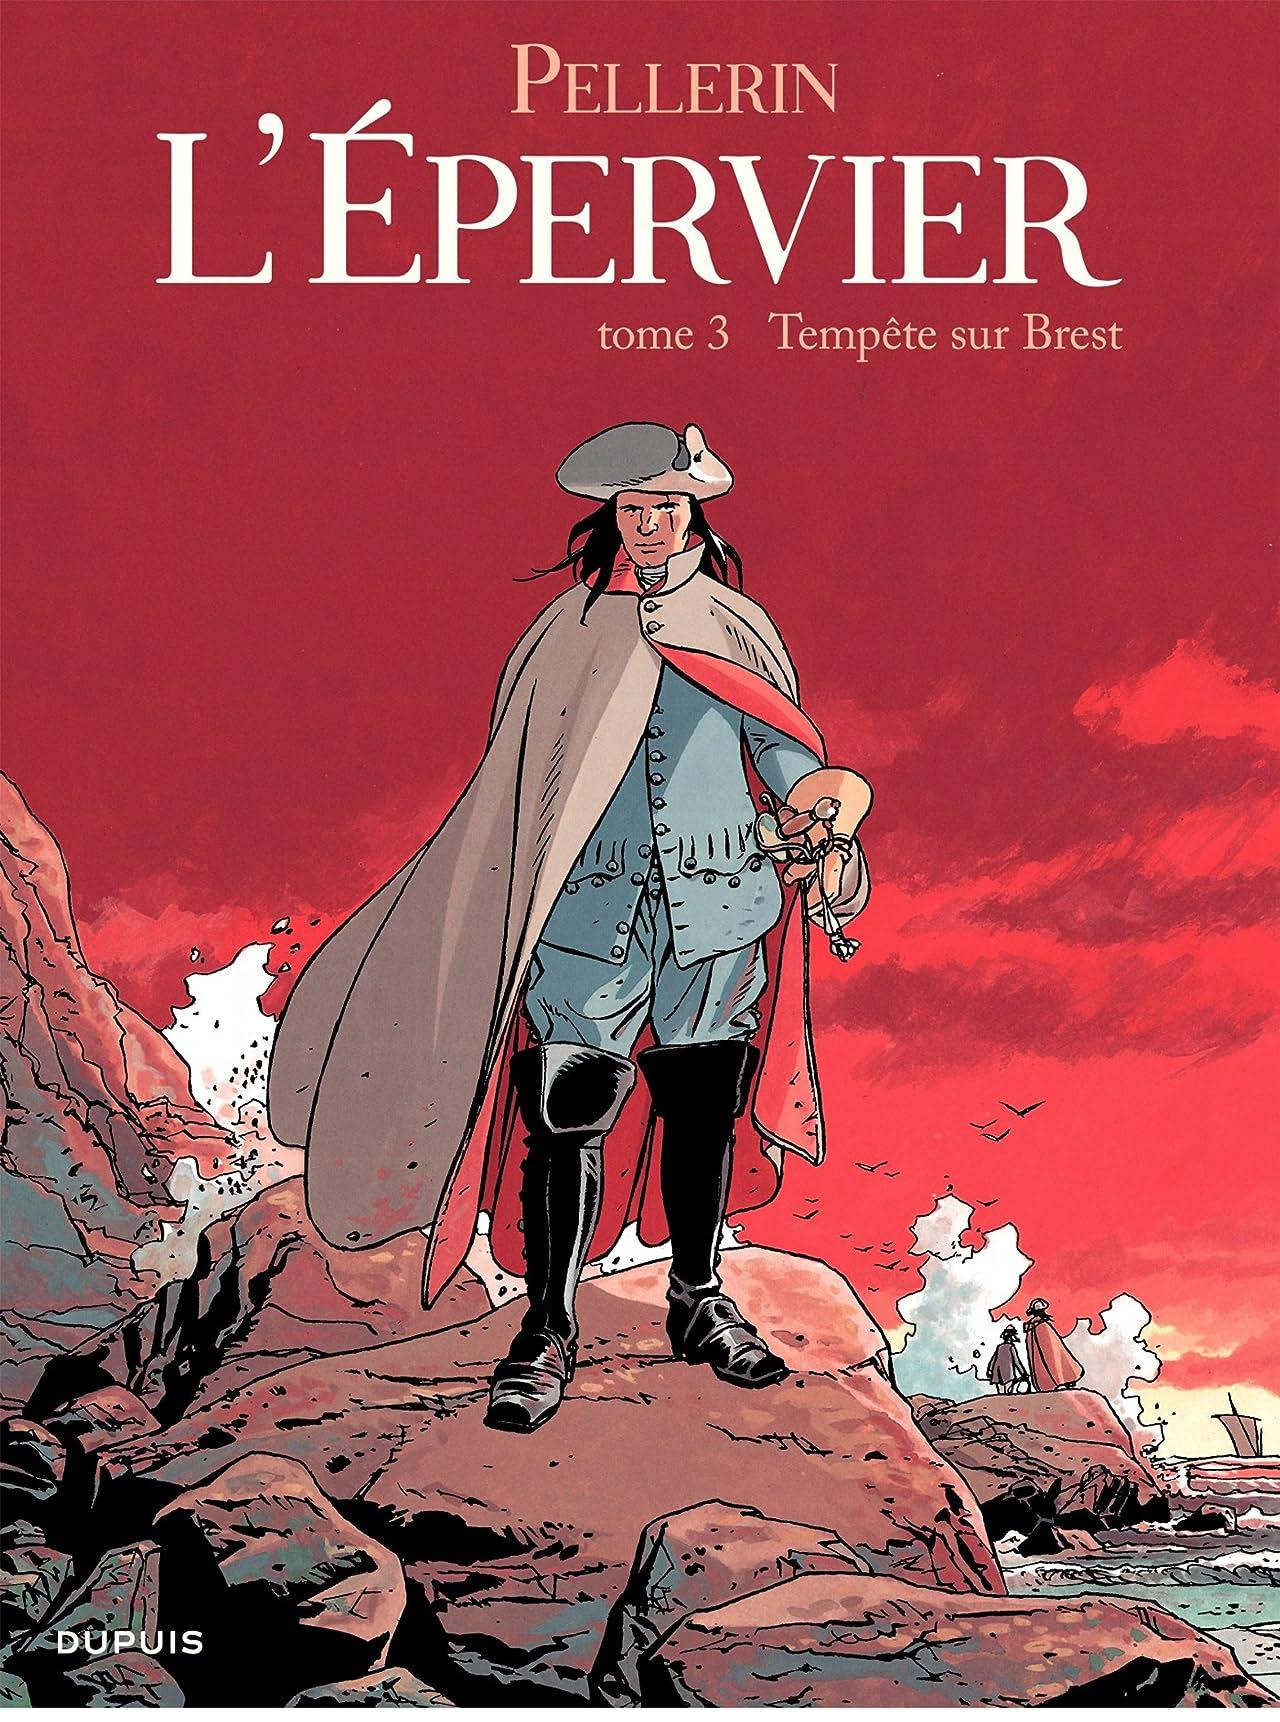 L'Epervier Vol. 3: TEMPETE SUR BREST